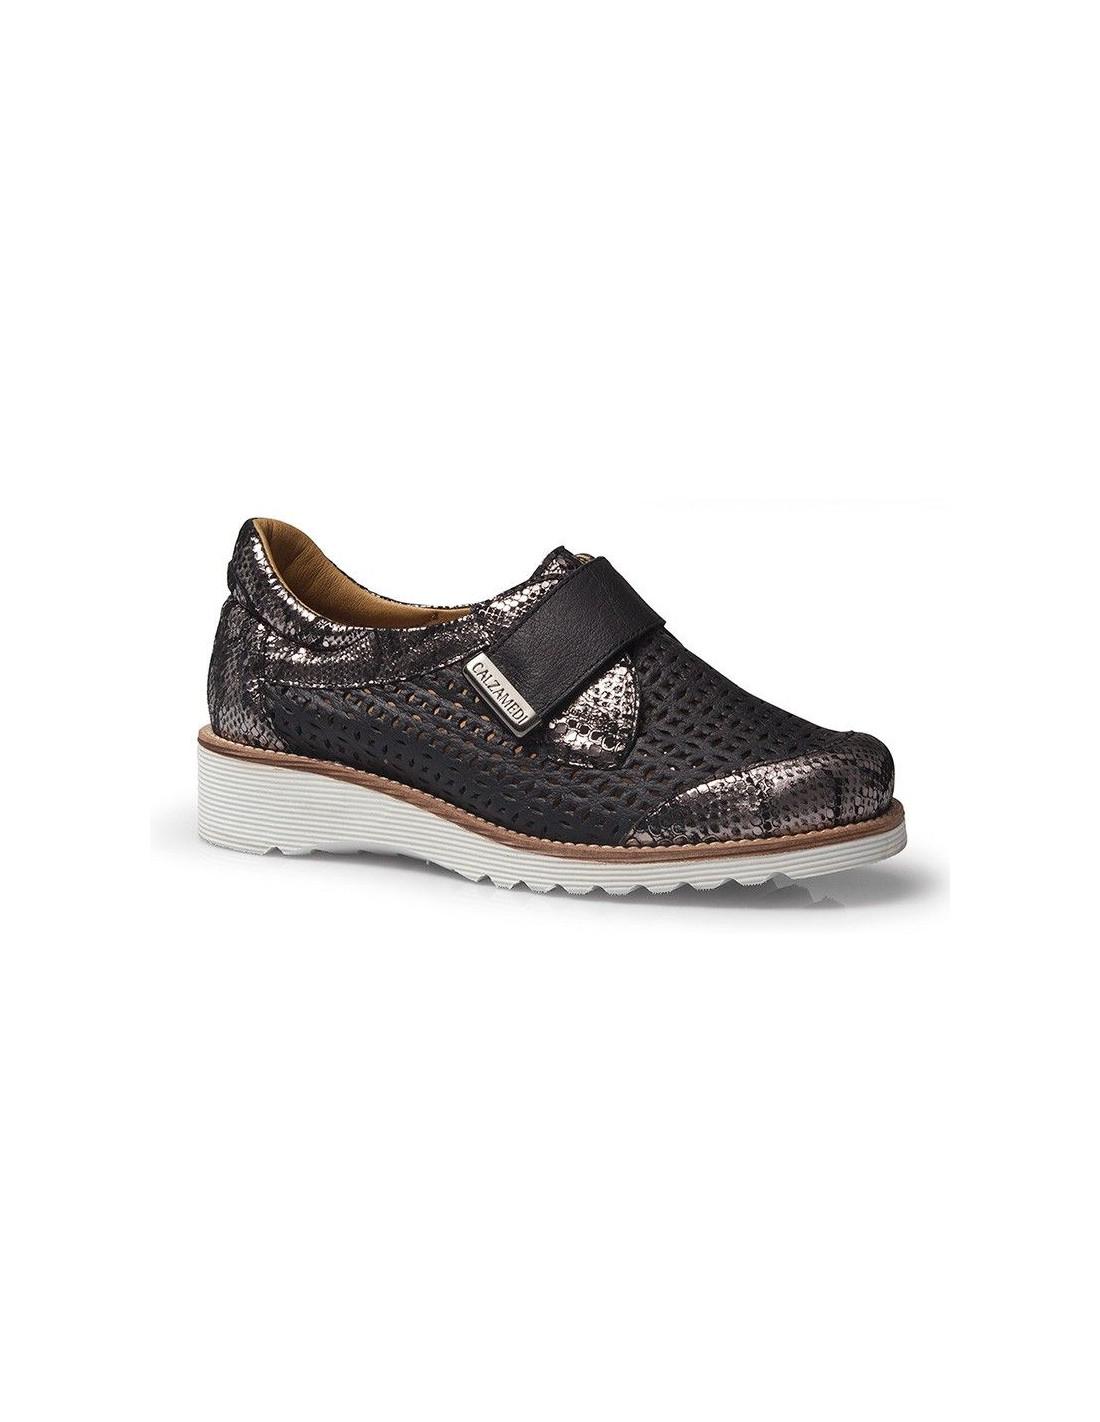 Calzamedi De Zapato Y Verano Con Extraíble Cuña Señora Para Plantilla bf76yYgv